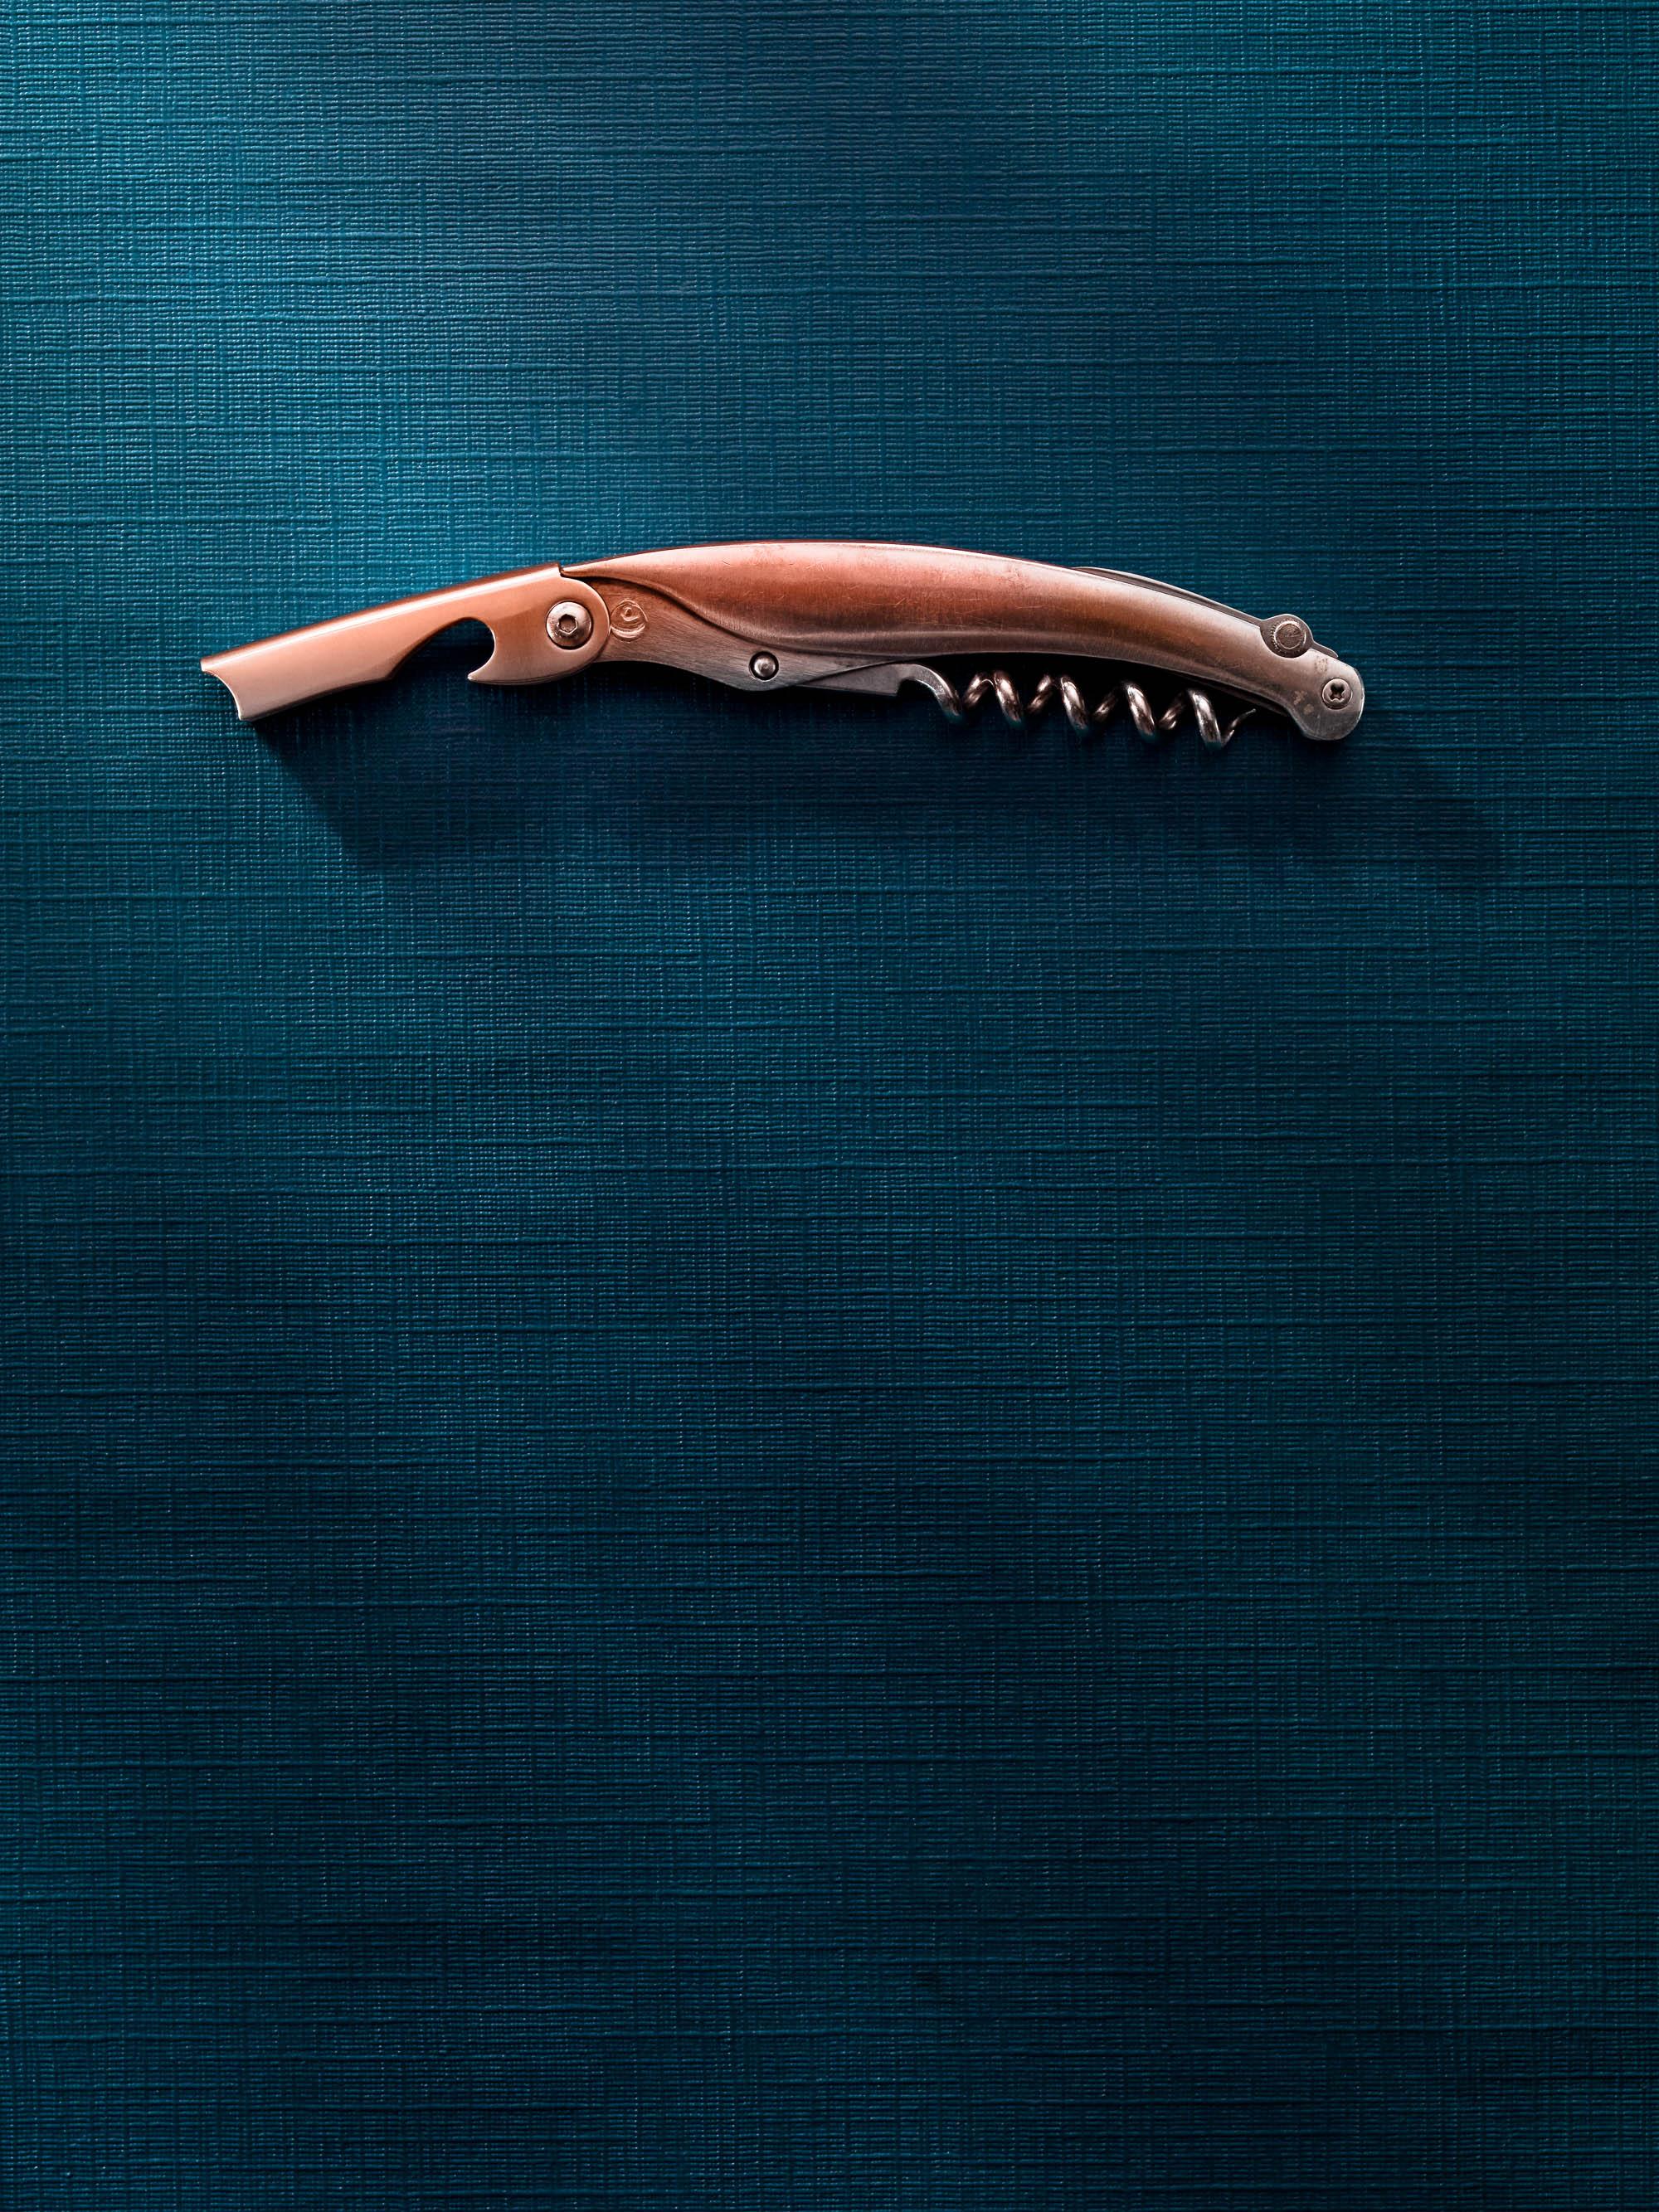 007_seafood_rgb_8bit